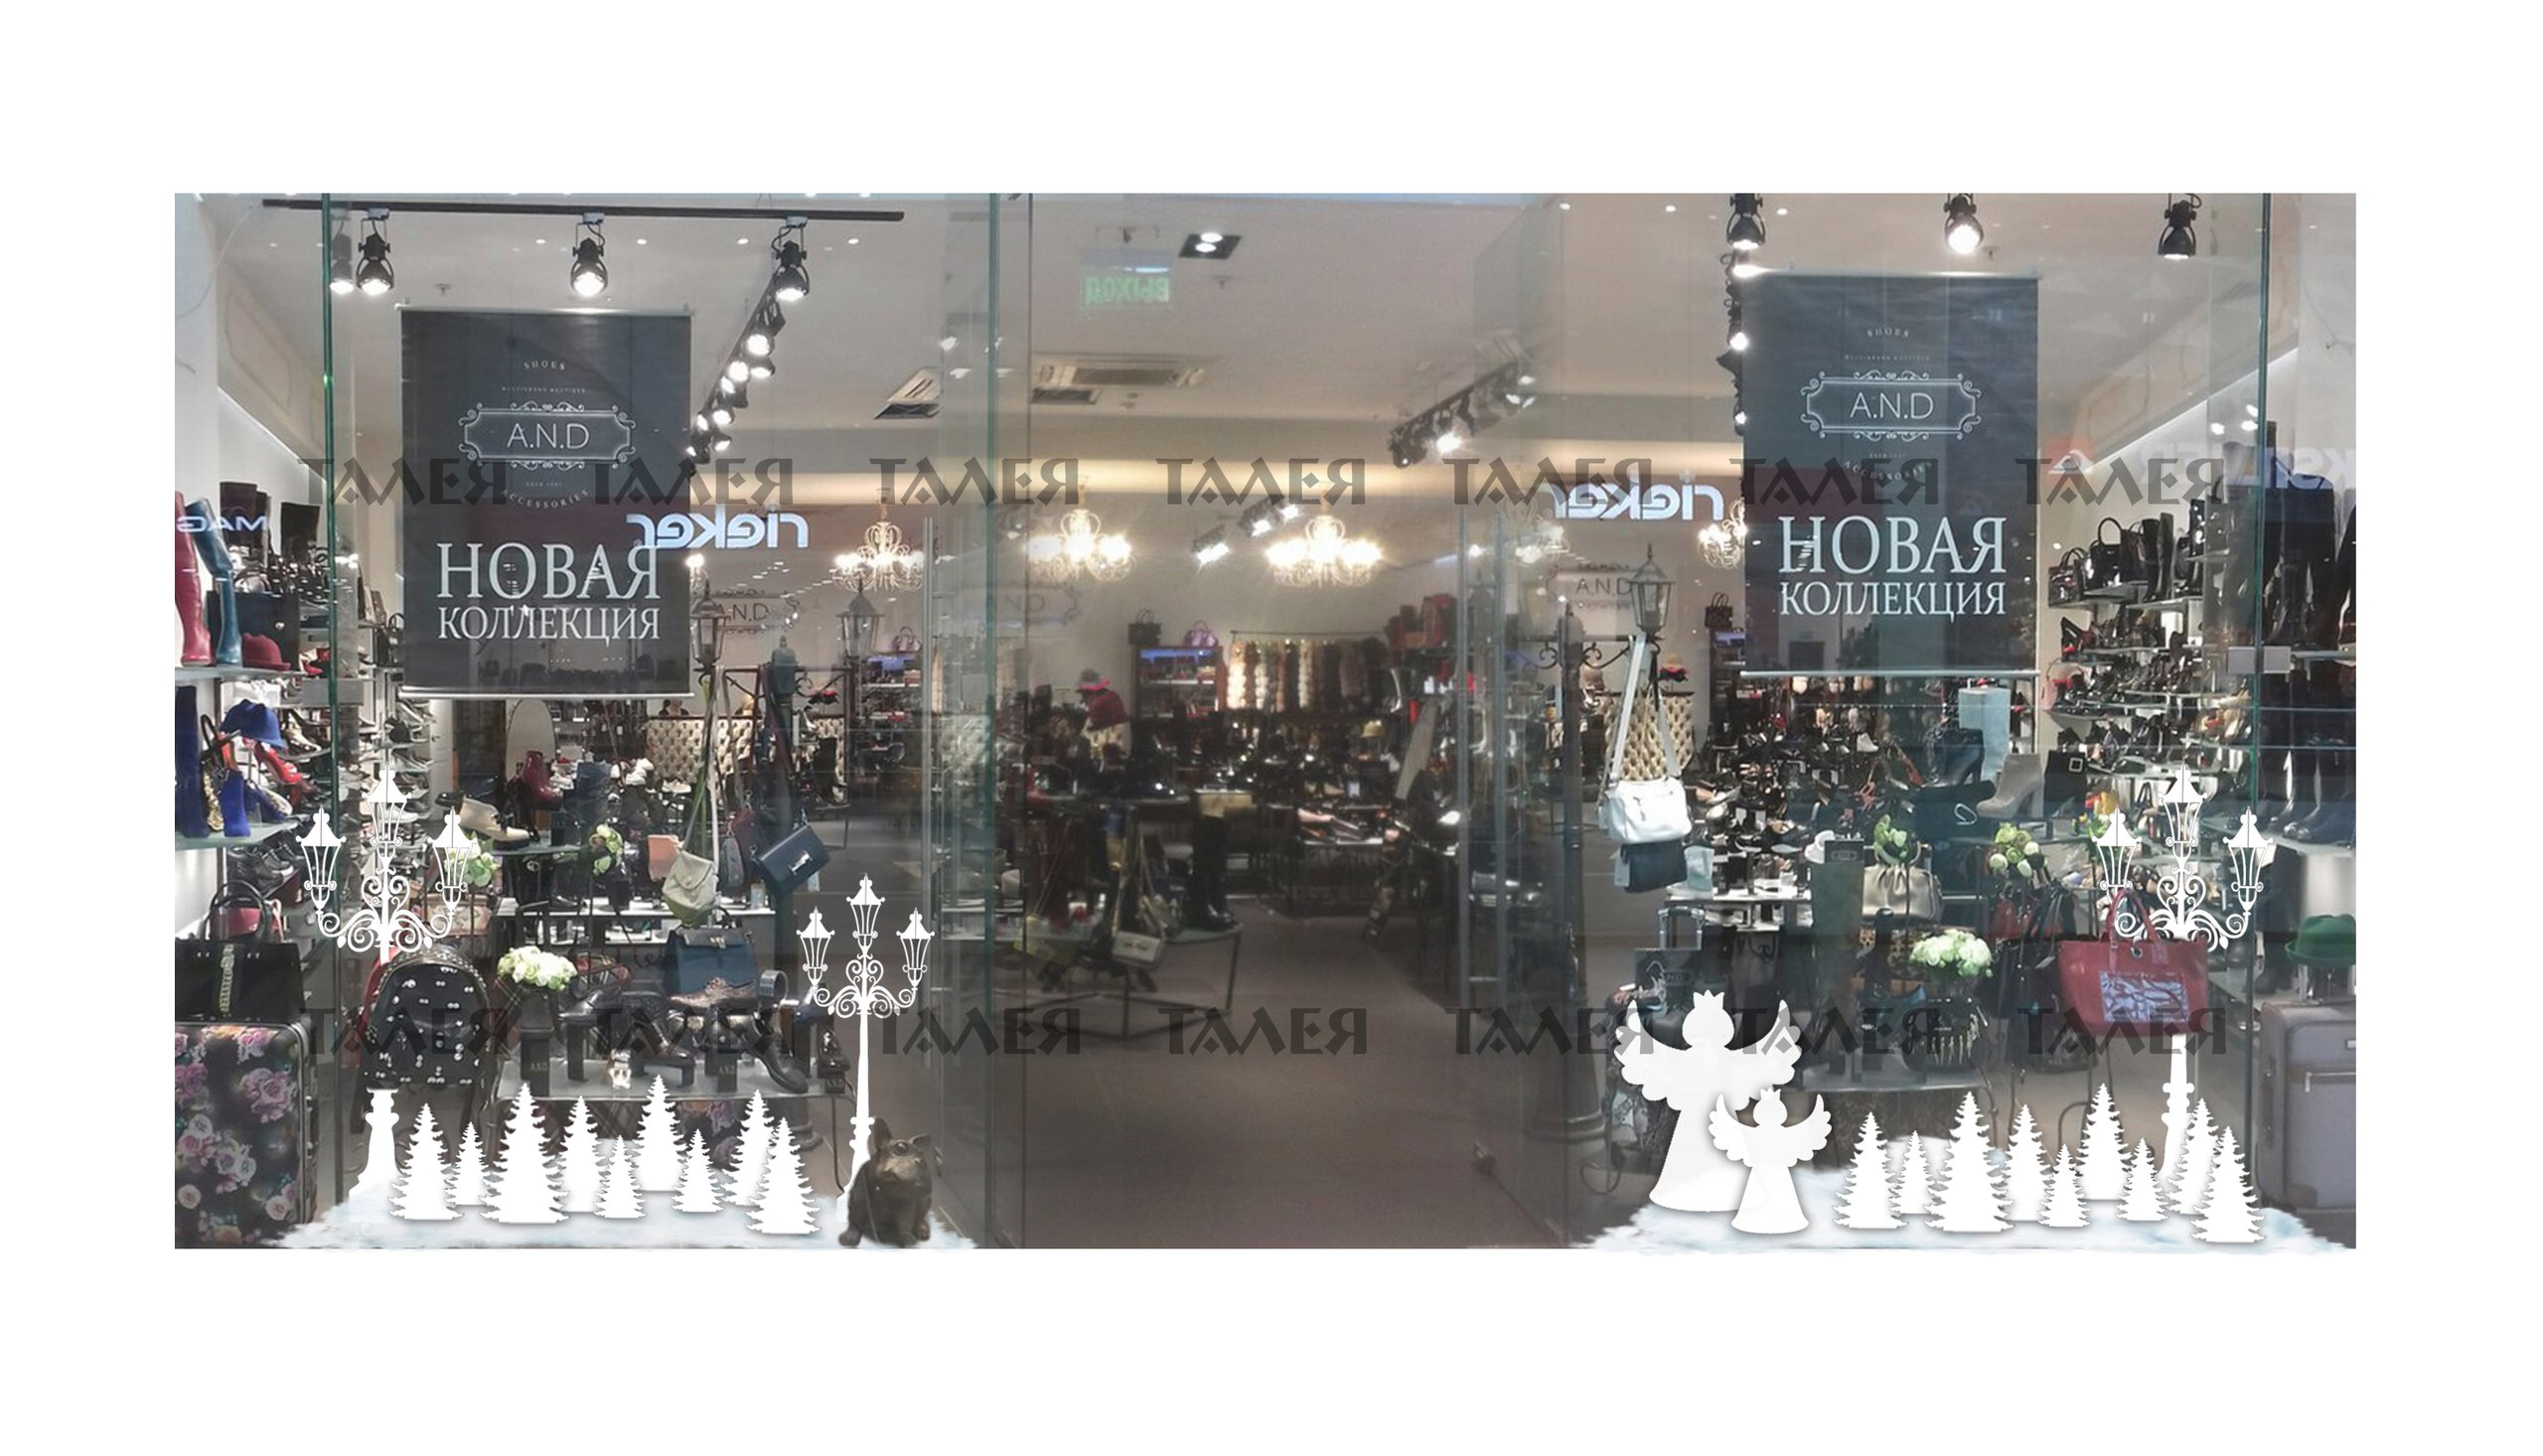 Эскиз оформления витрины магазина